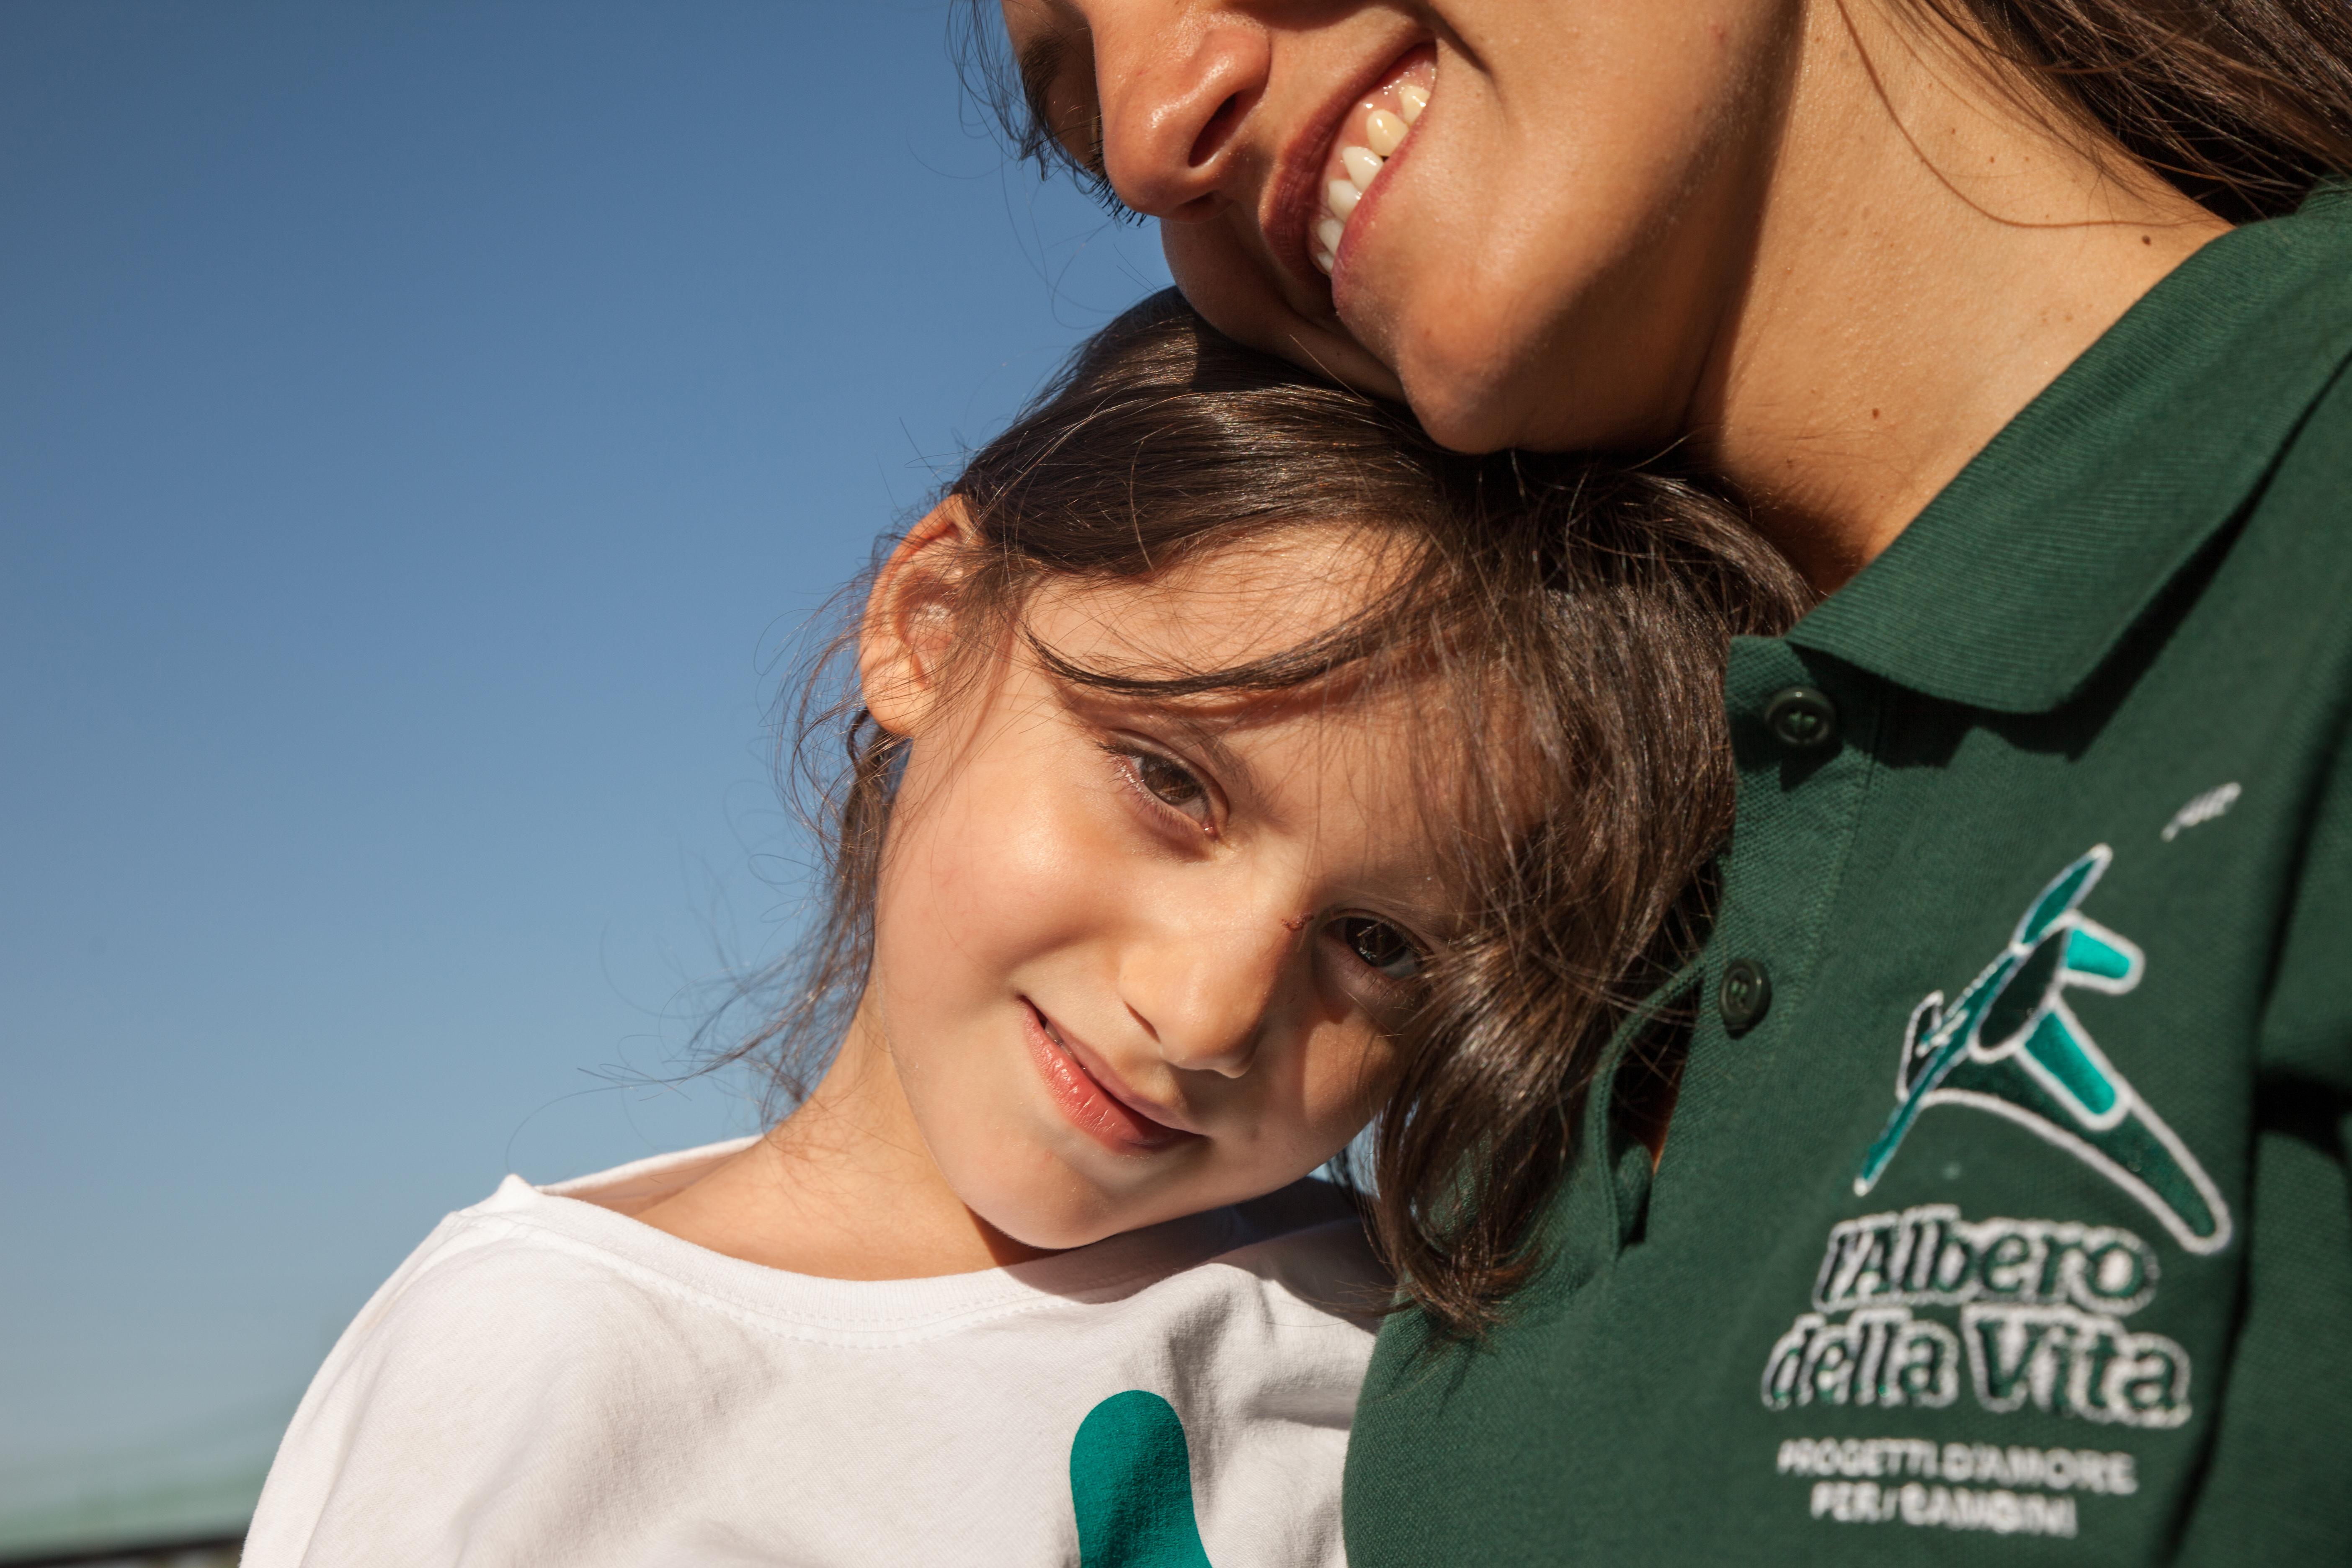 Albero della Vita educatore bambino